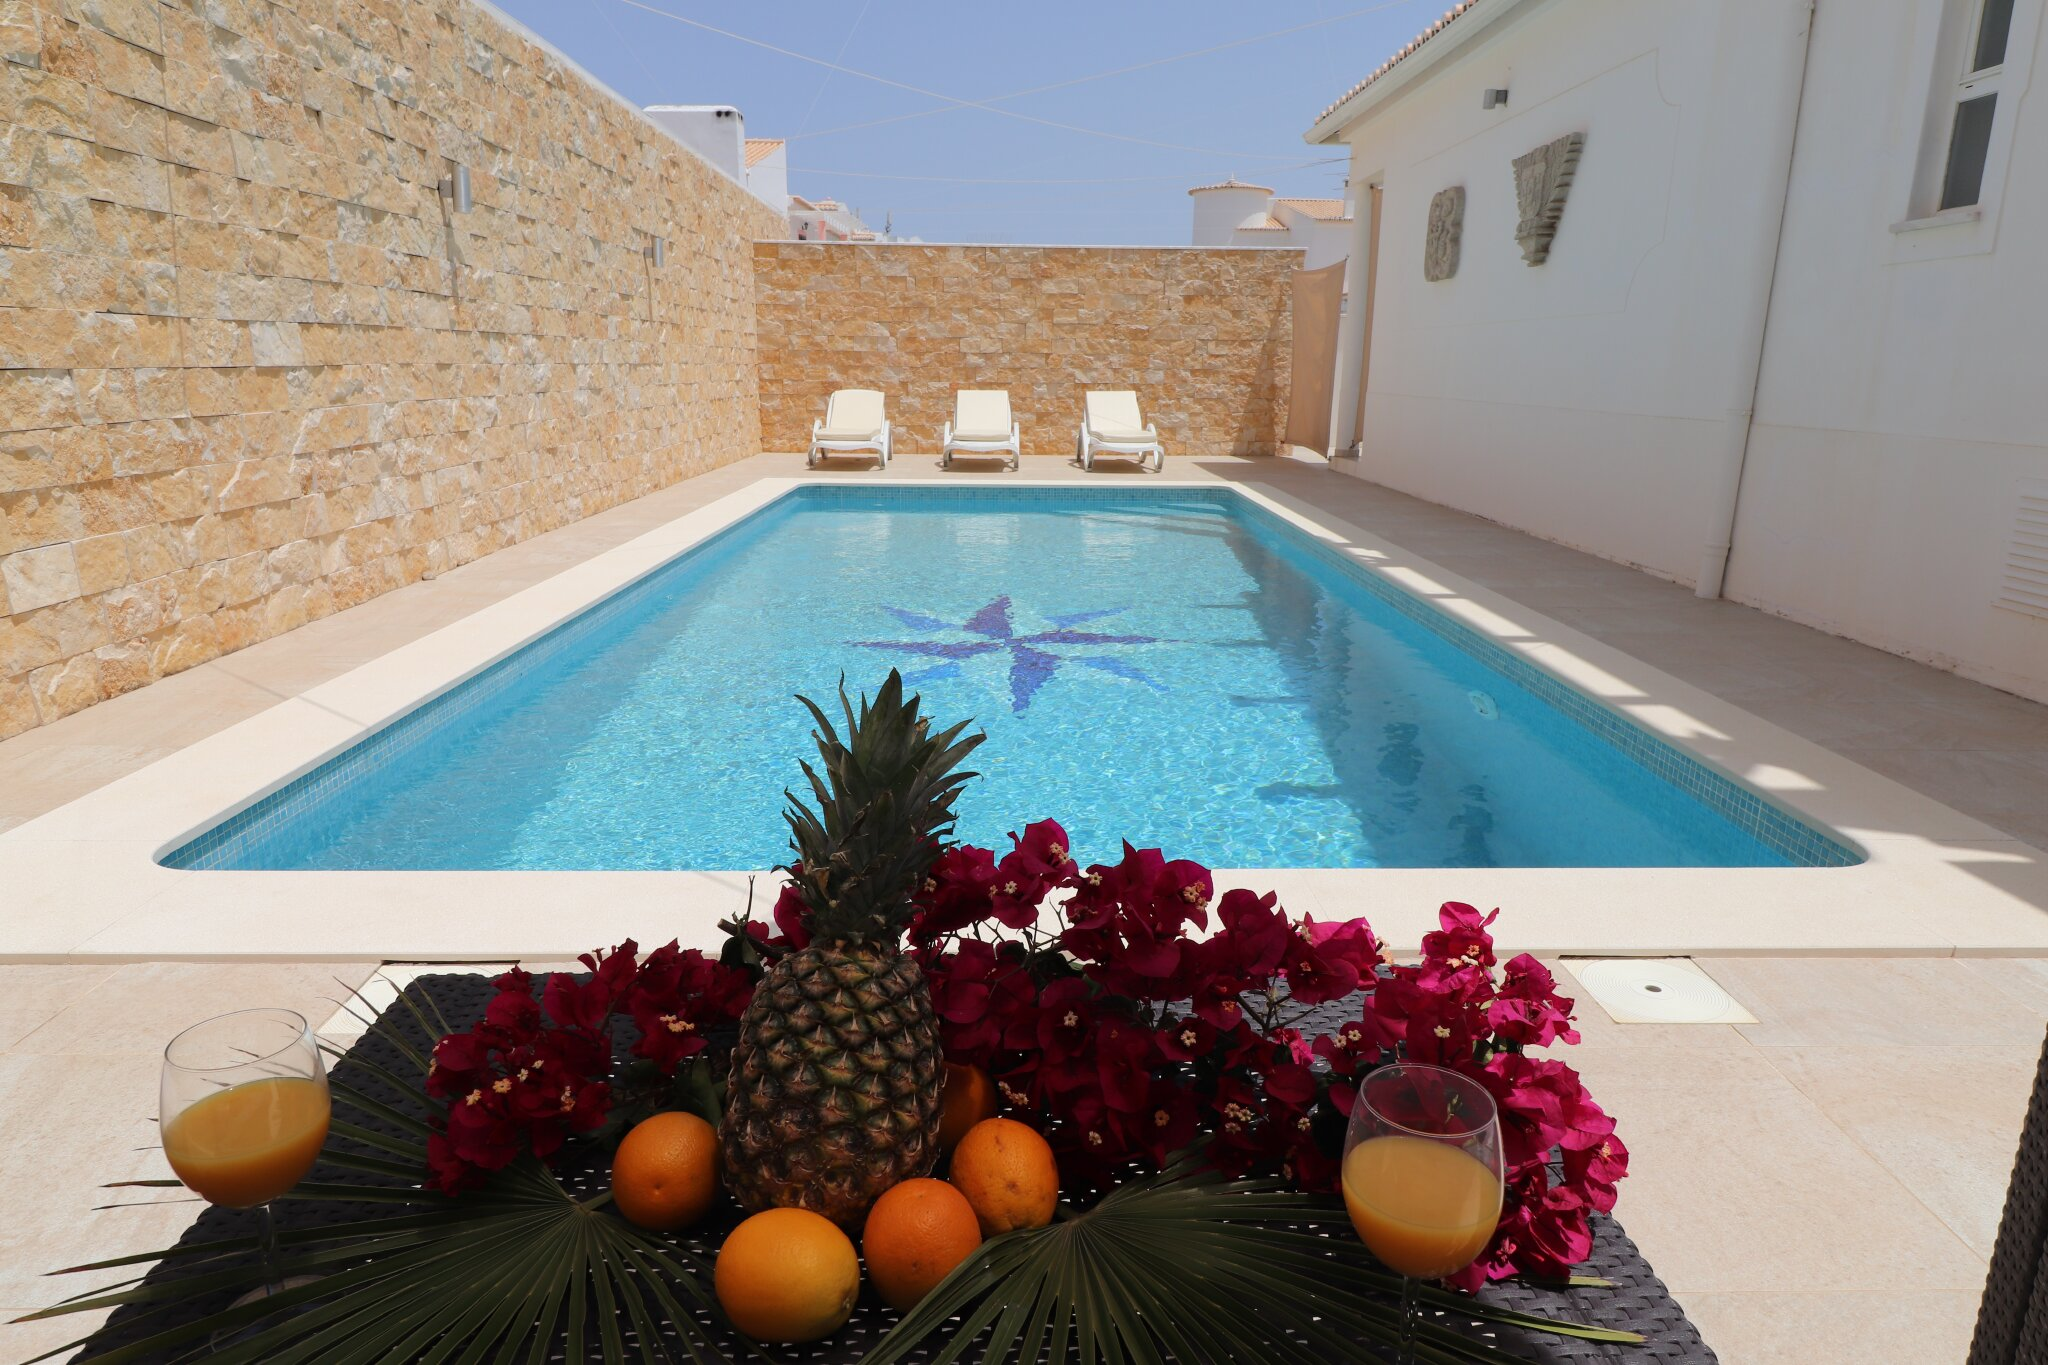 relaxen Sie ganz privat und chic am Pool